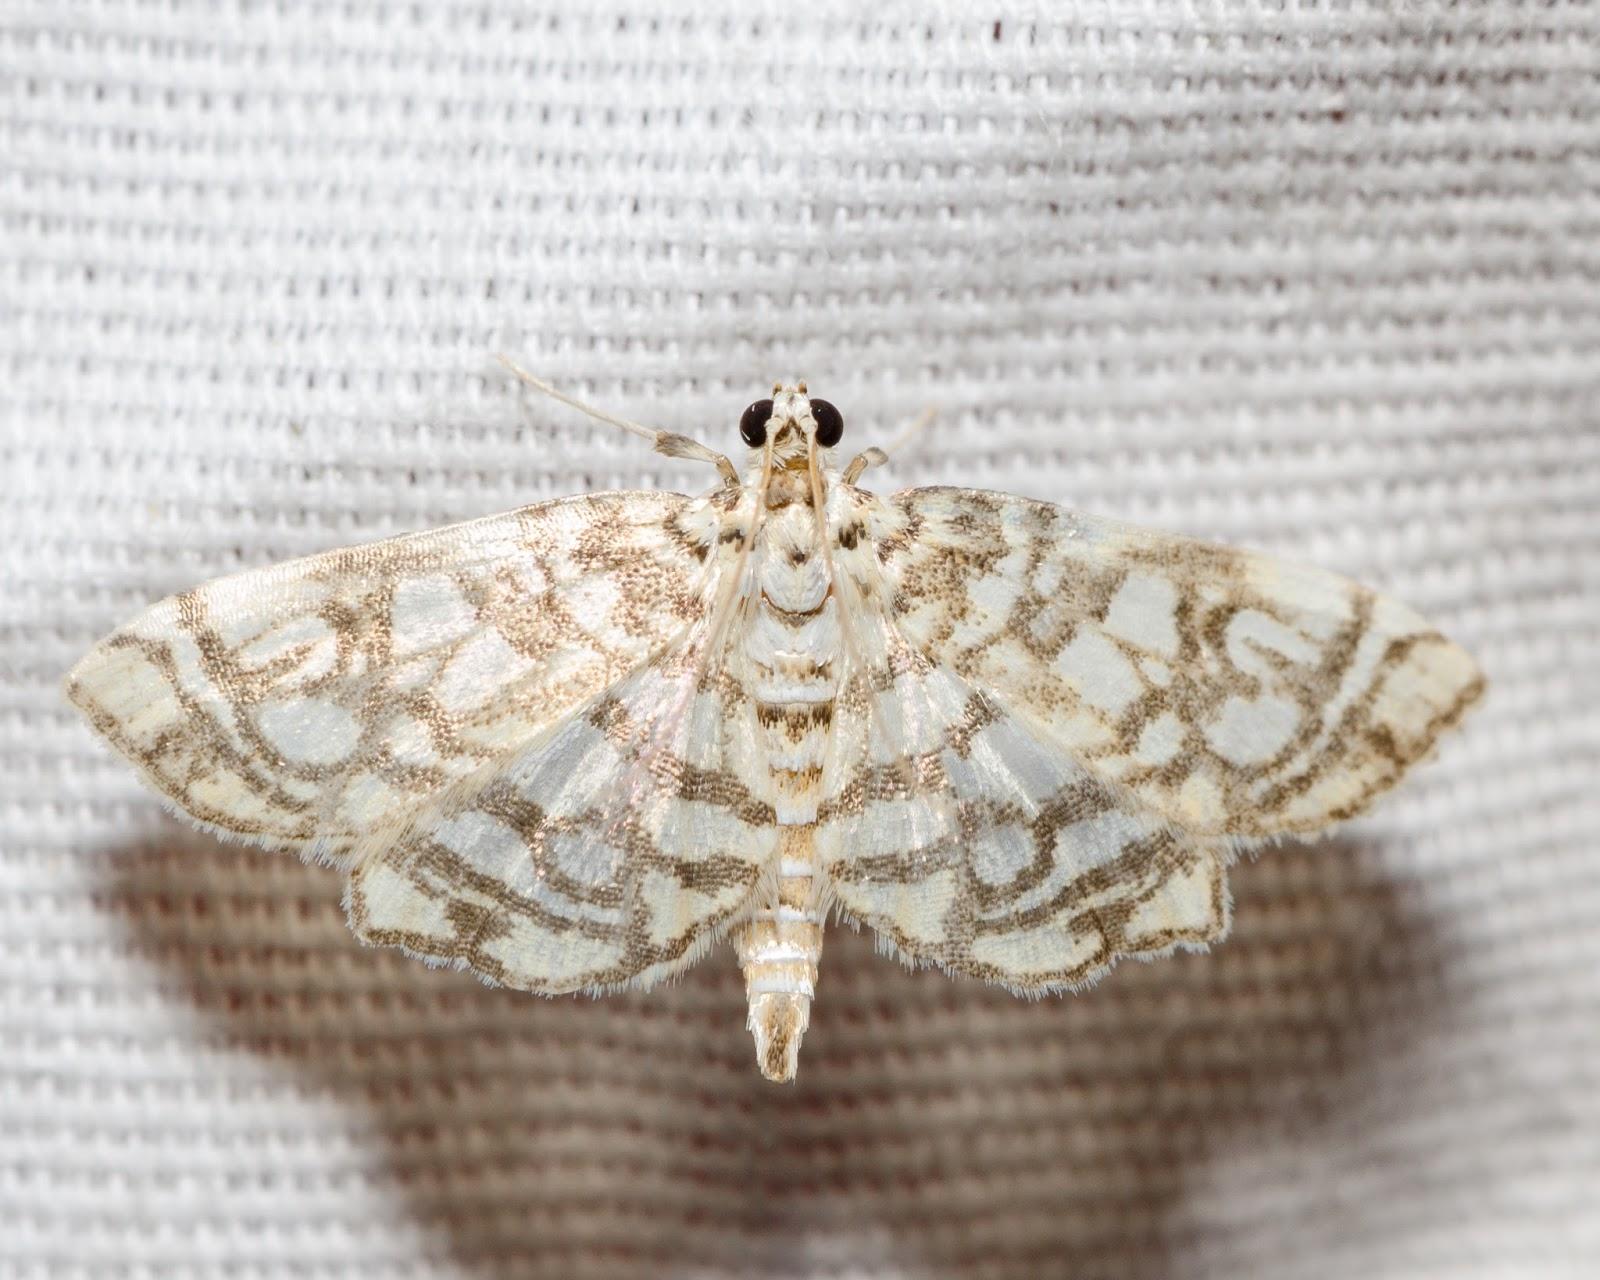 Bog Lygropia (Lygropia rivulalis)